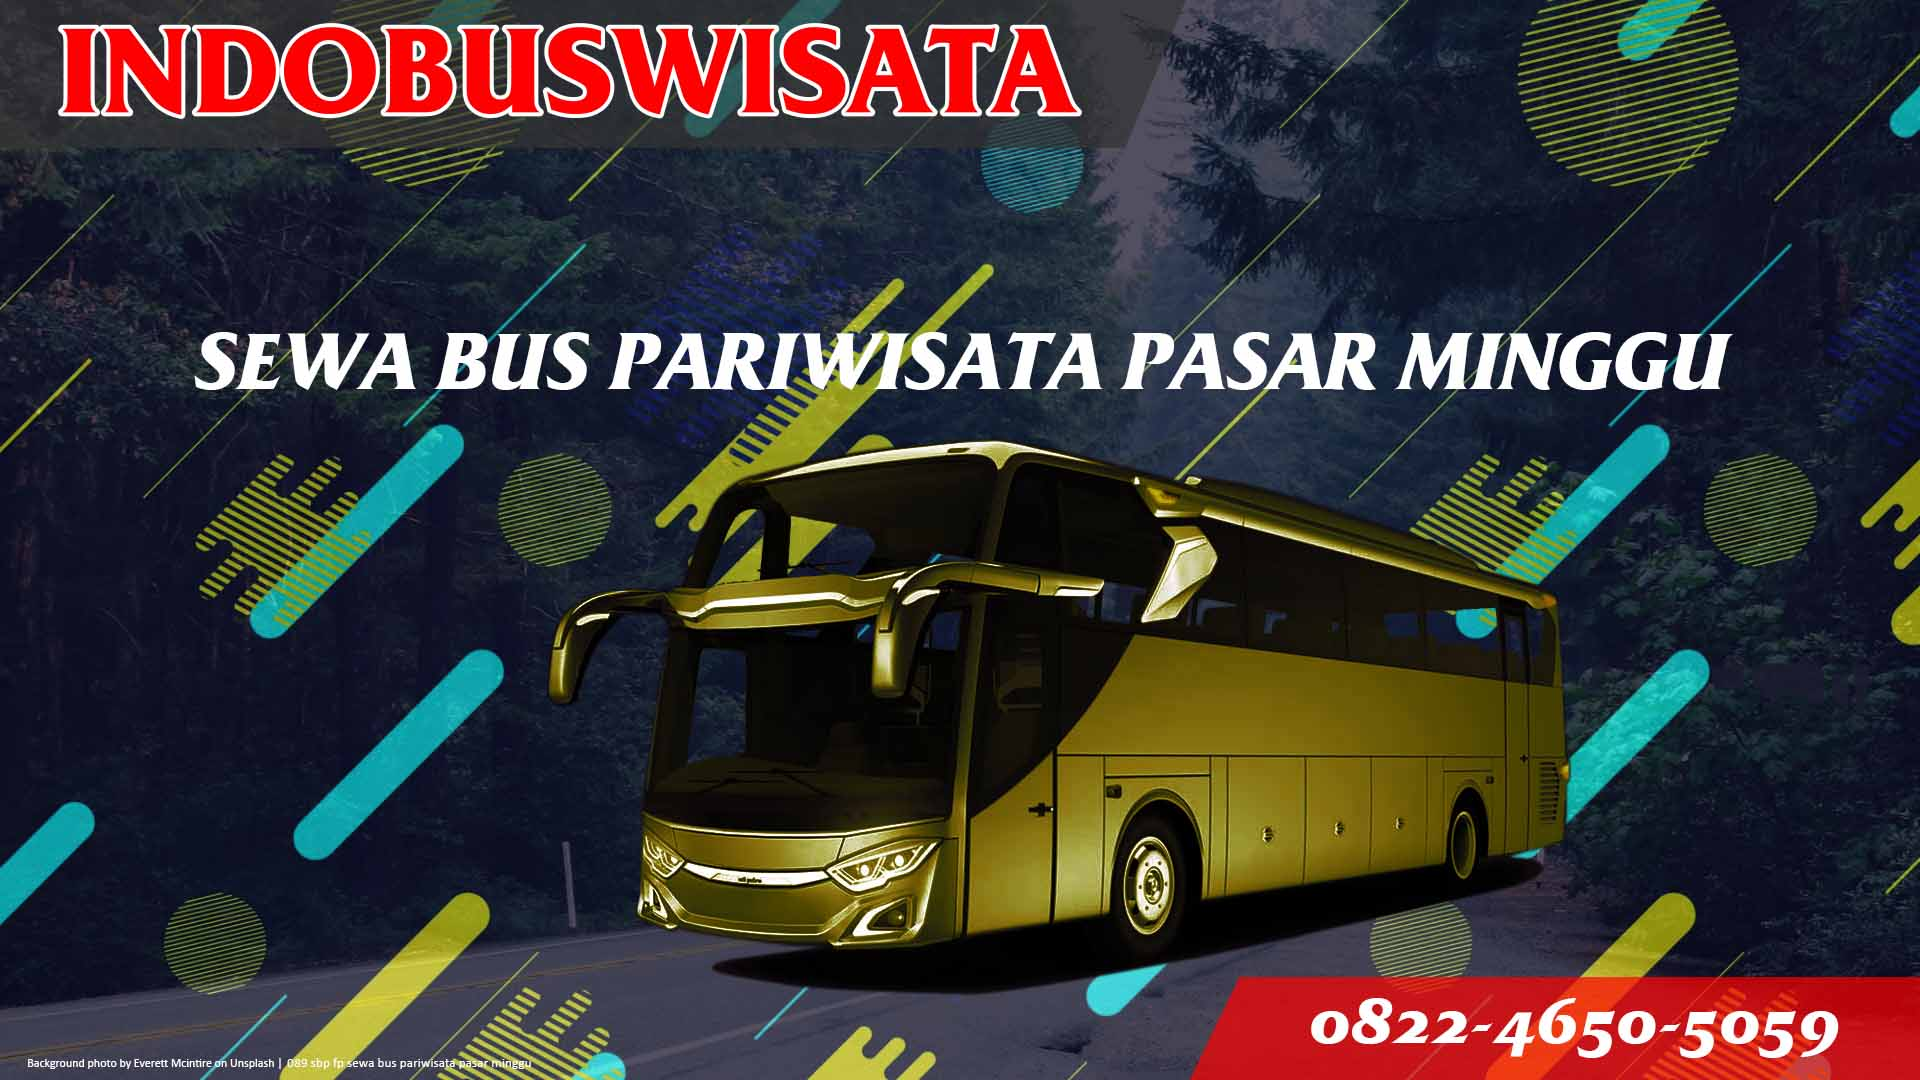 089 Sbp Fp Sewa Bus Pariwisata Pasar Minggu Indobuswisata